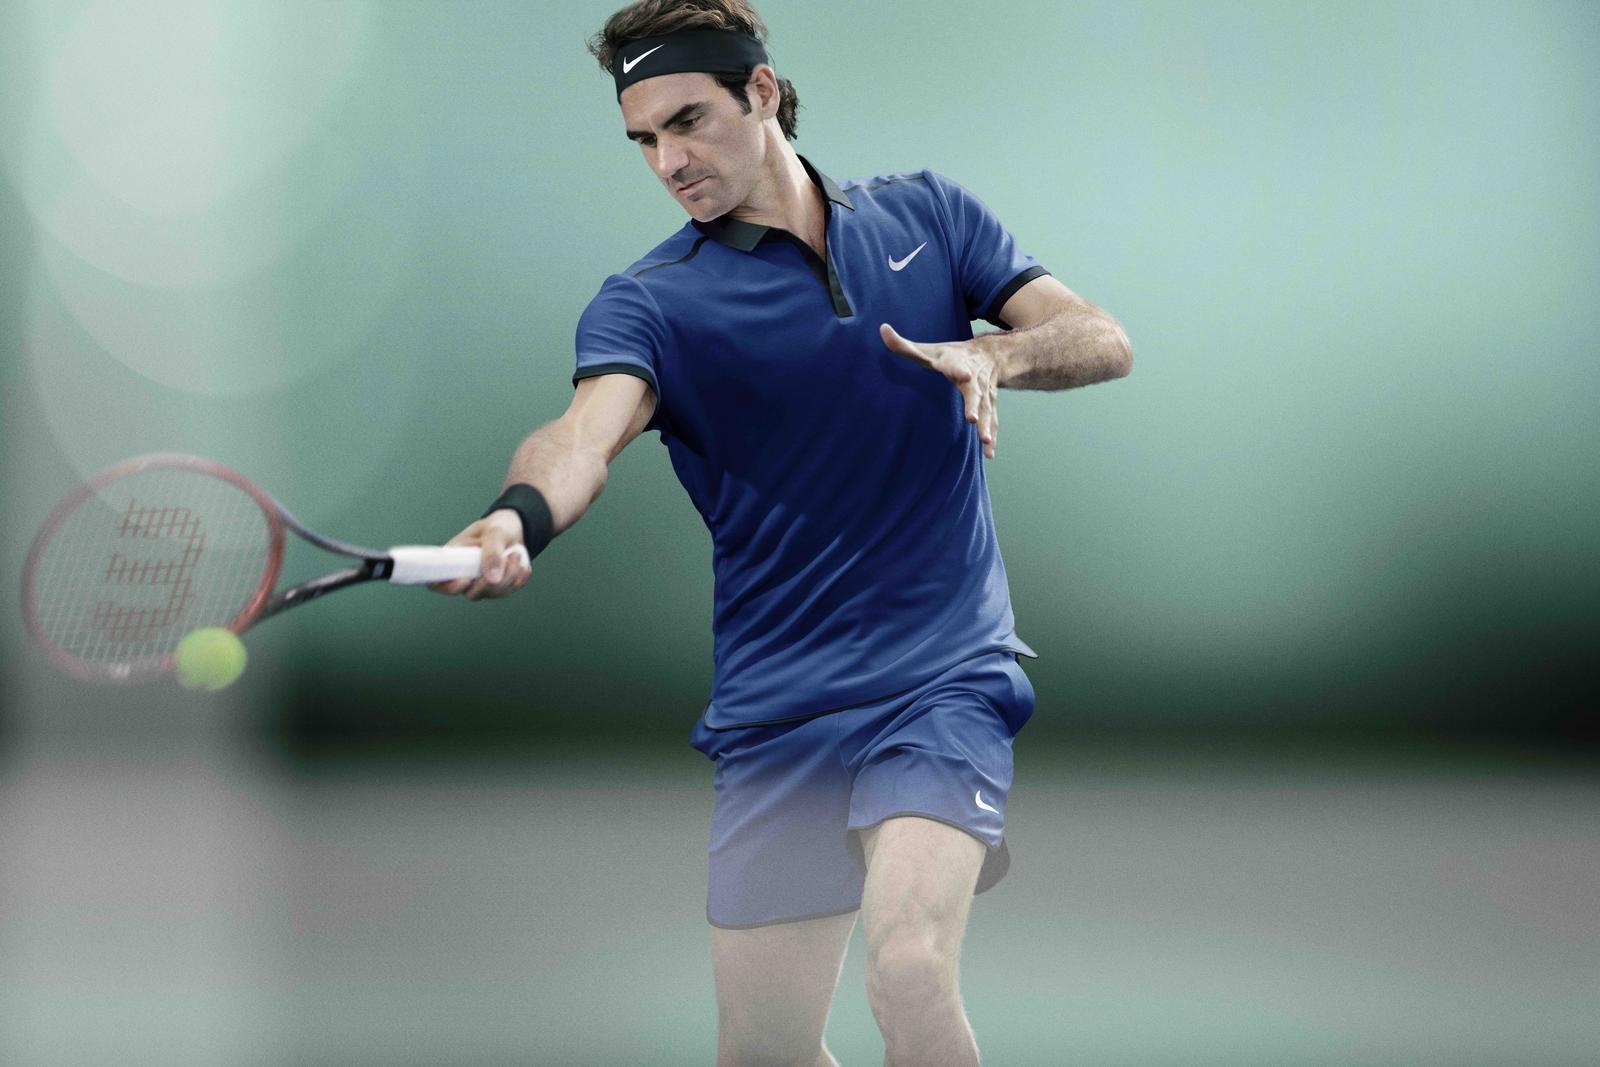 tenue tennis homme